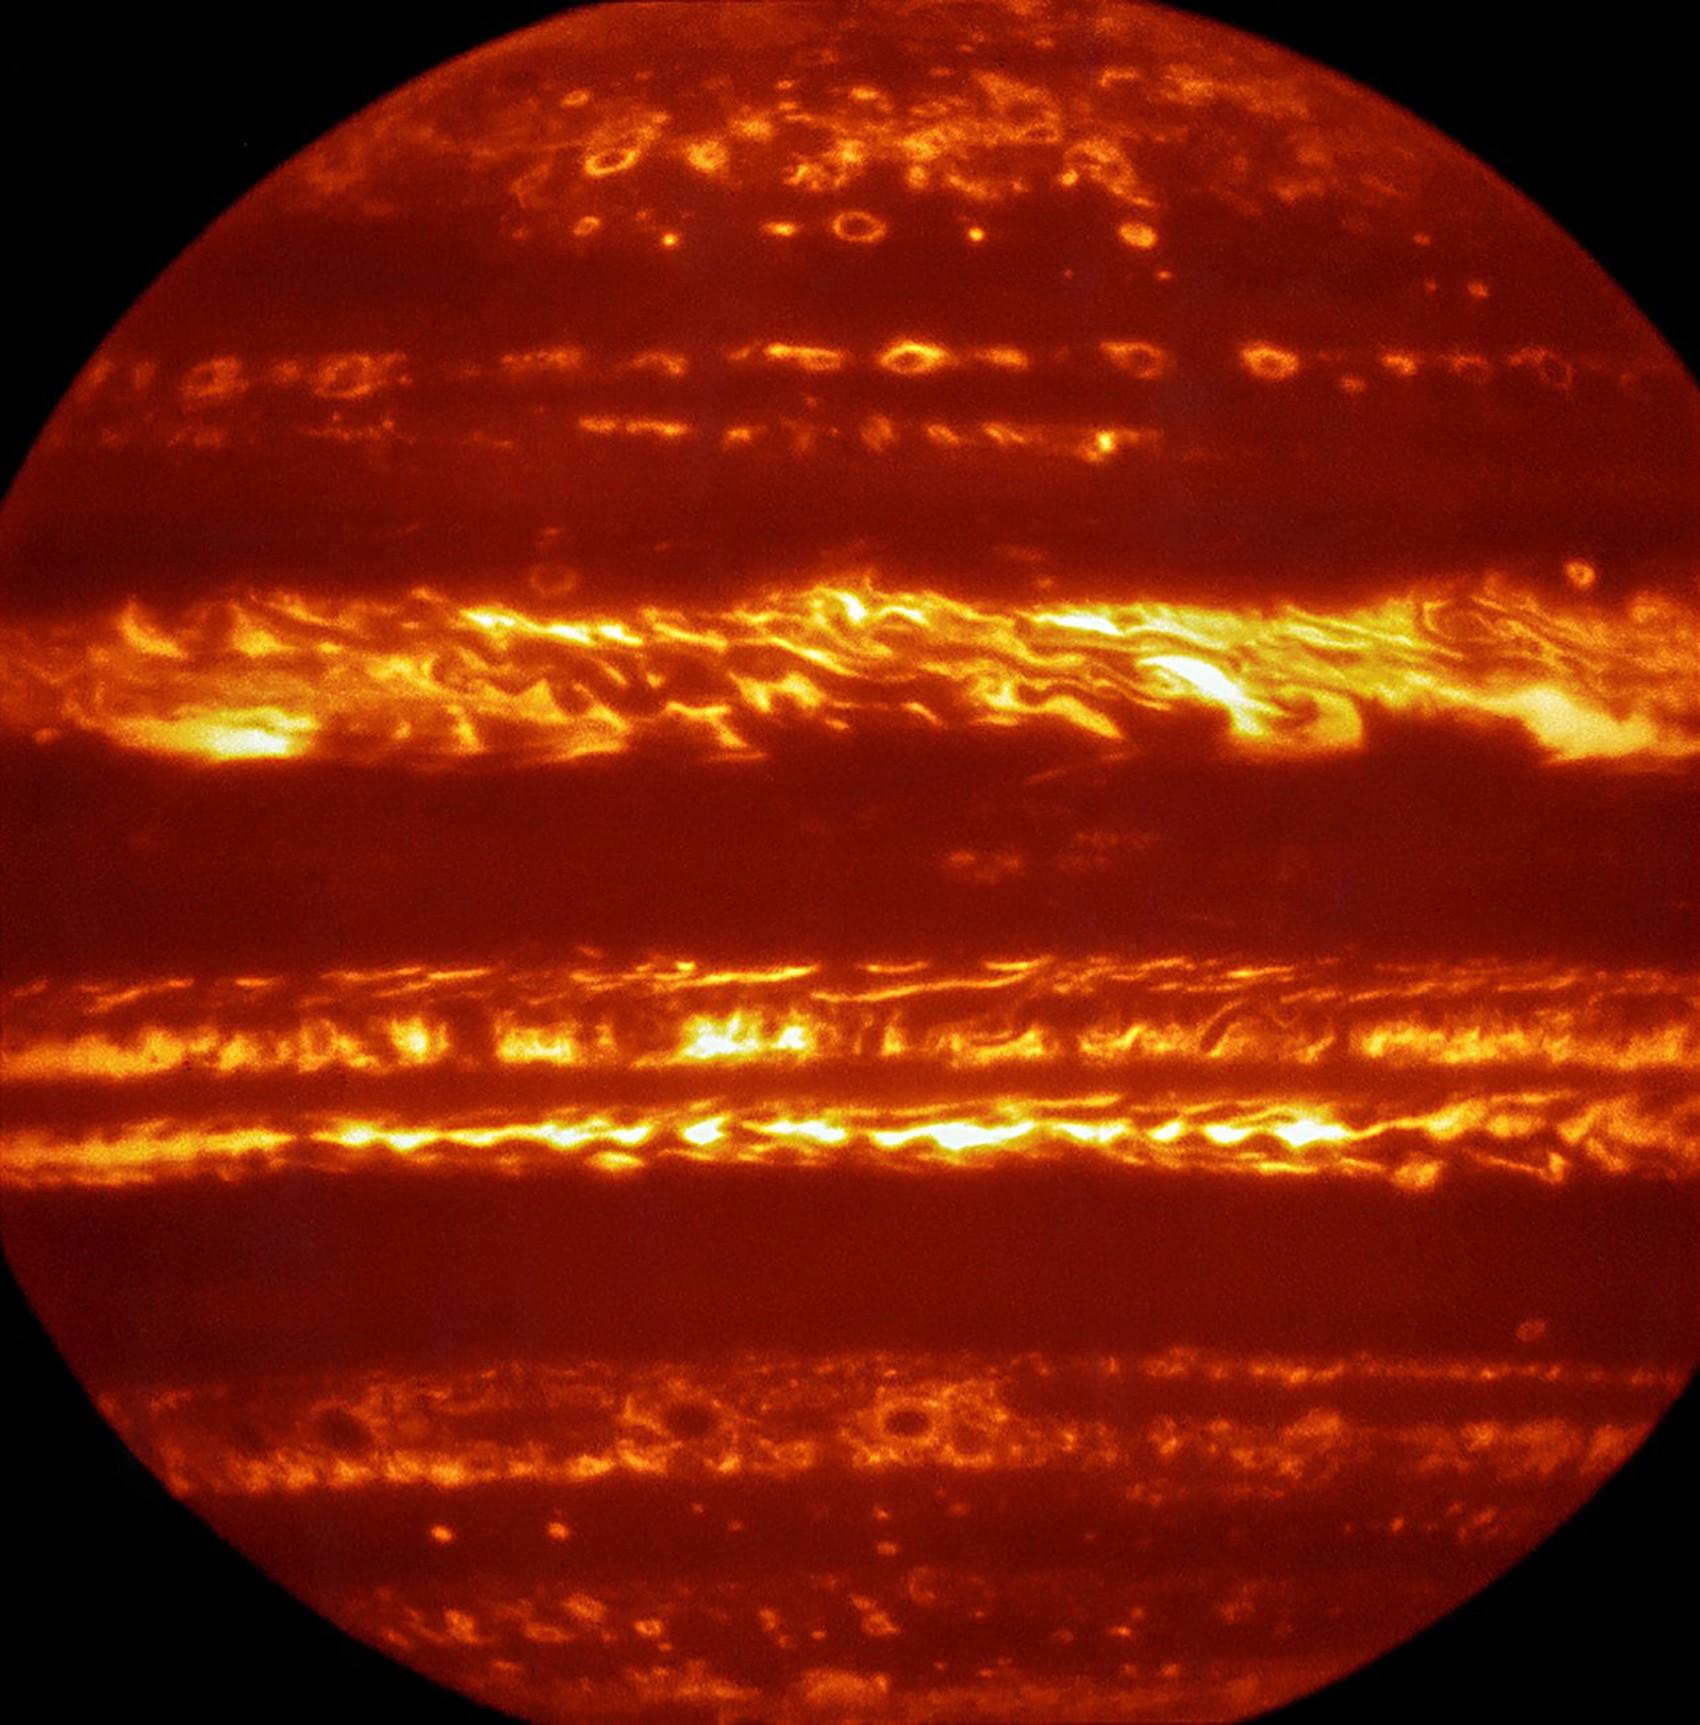 Imagem de Júpiter, colorida artificialmente, foi produzida por um equipamento de megatelescópio que consegue estudar a luz infravermelha de objetos celestes (Foto: ESO/L. Fletcher)